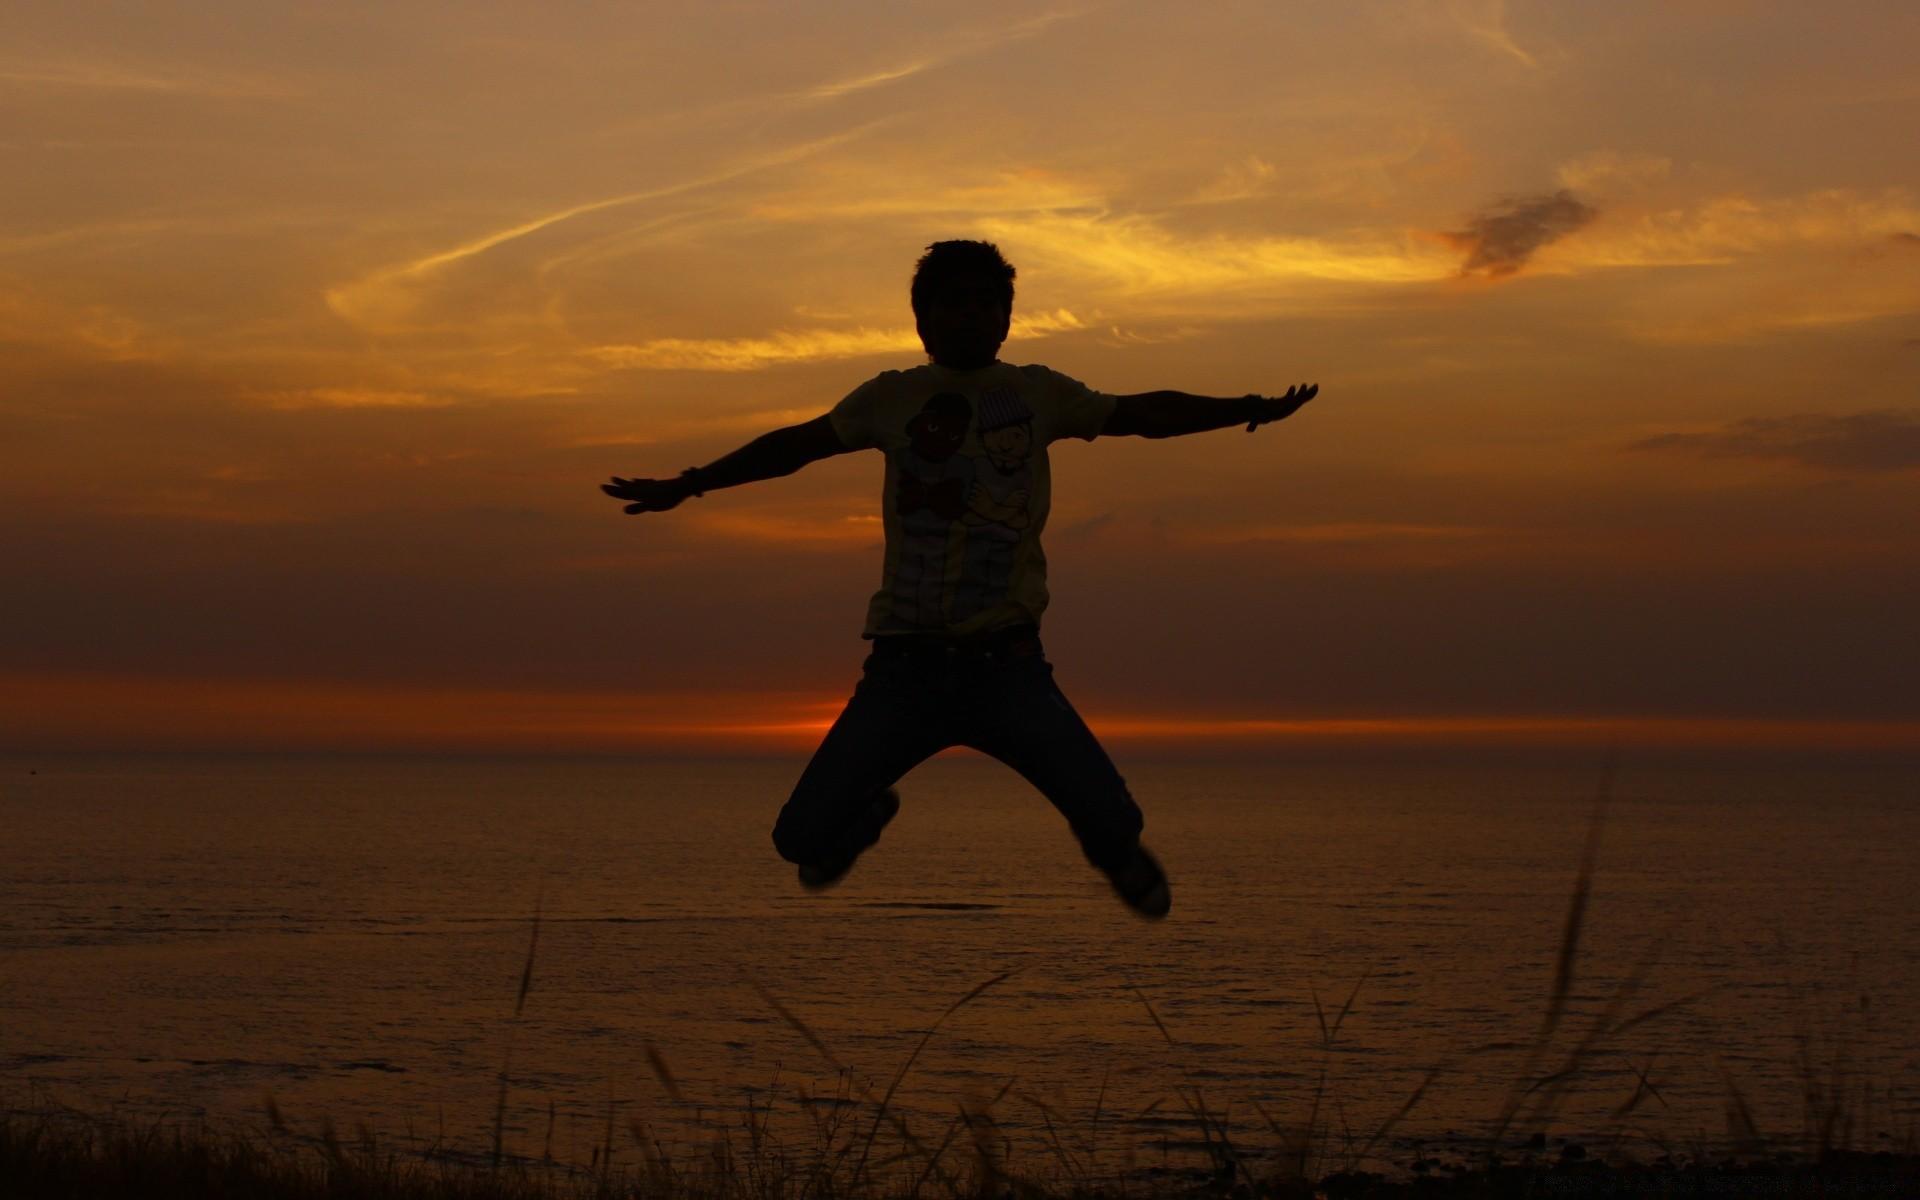 Я свободен картинки на закате, для поздравления девочке